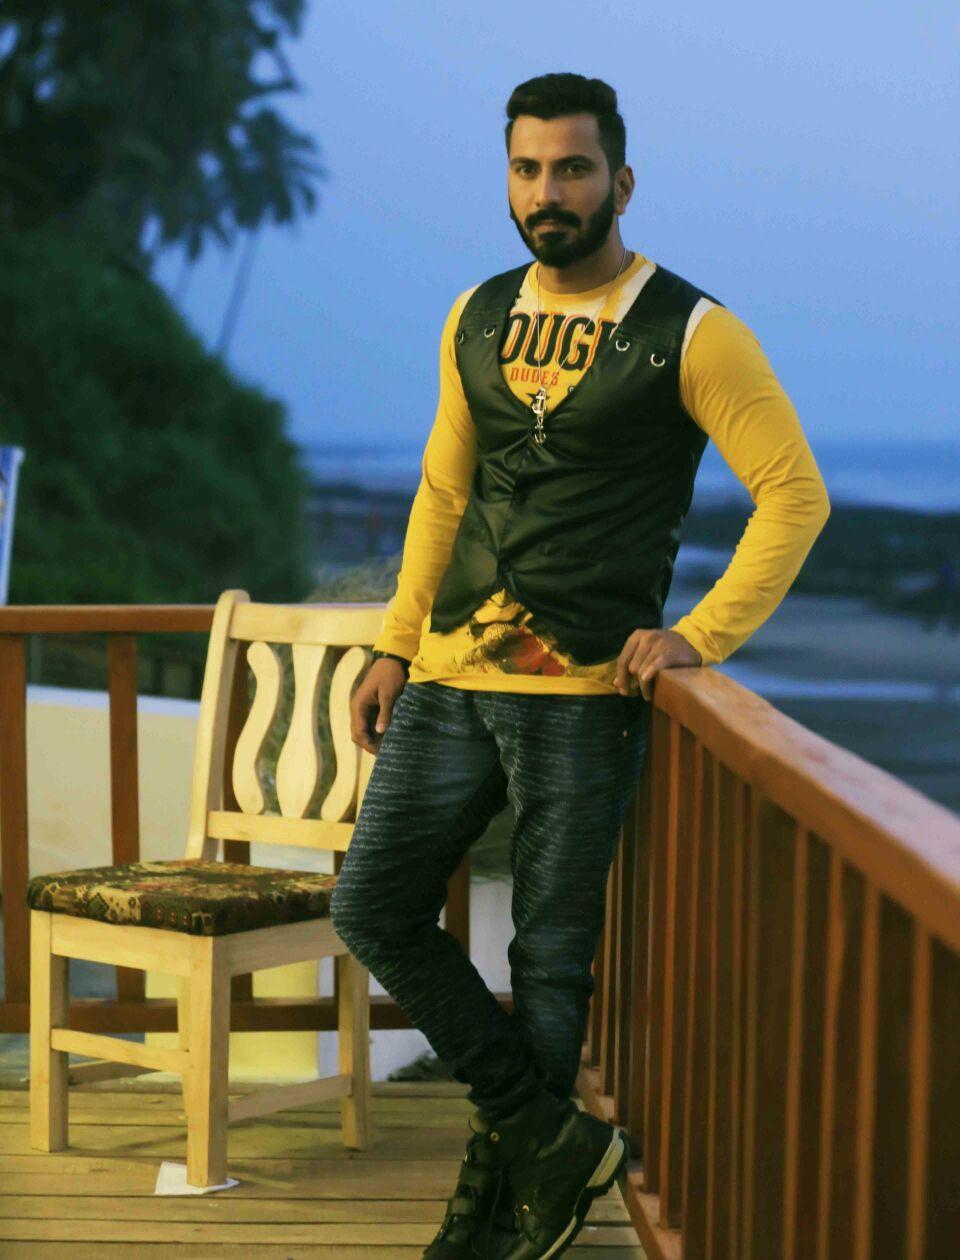 Actor Ramesh